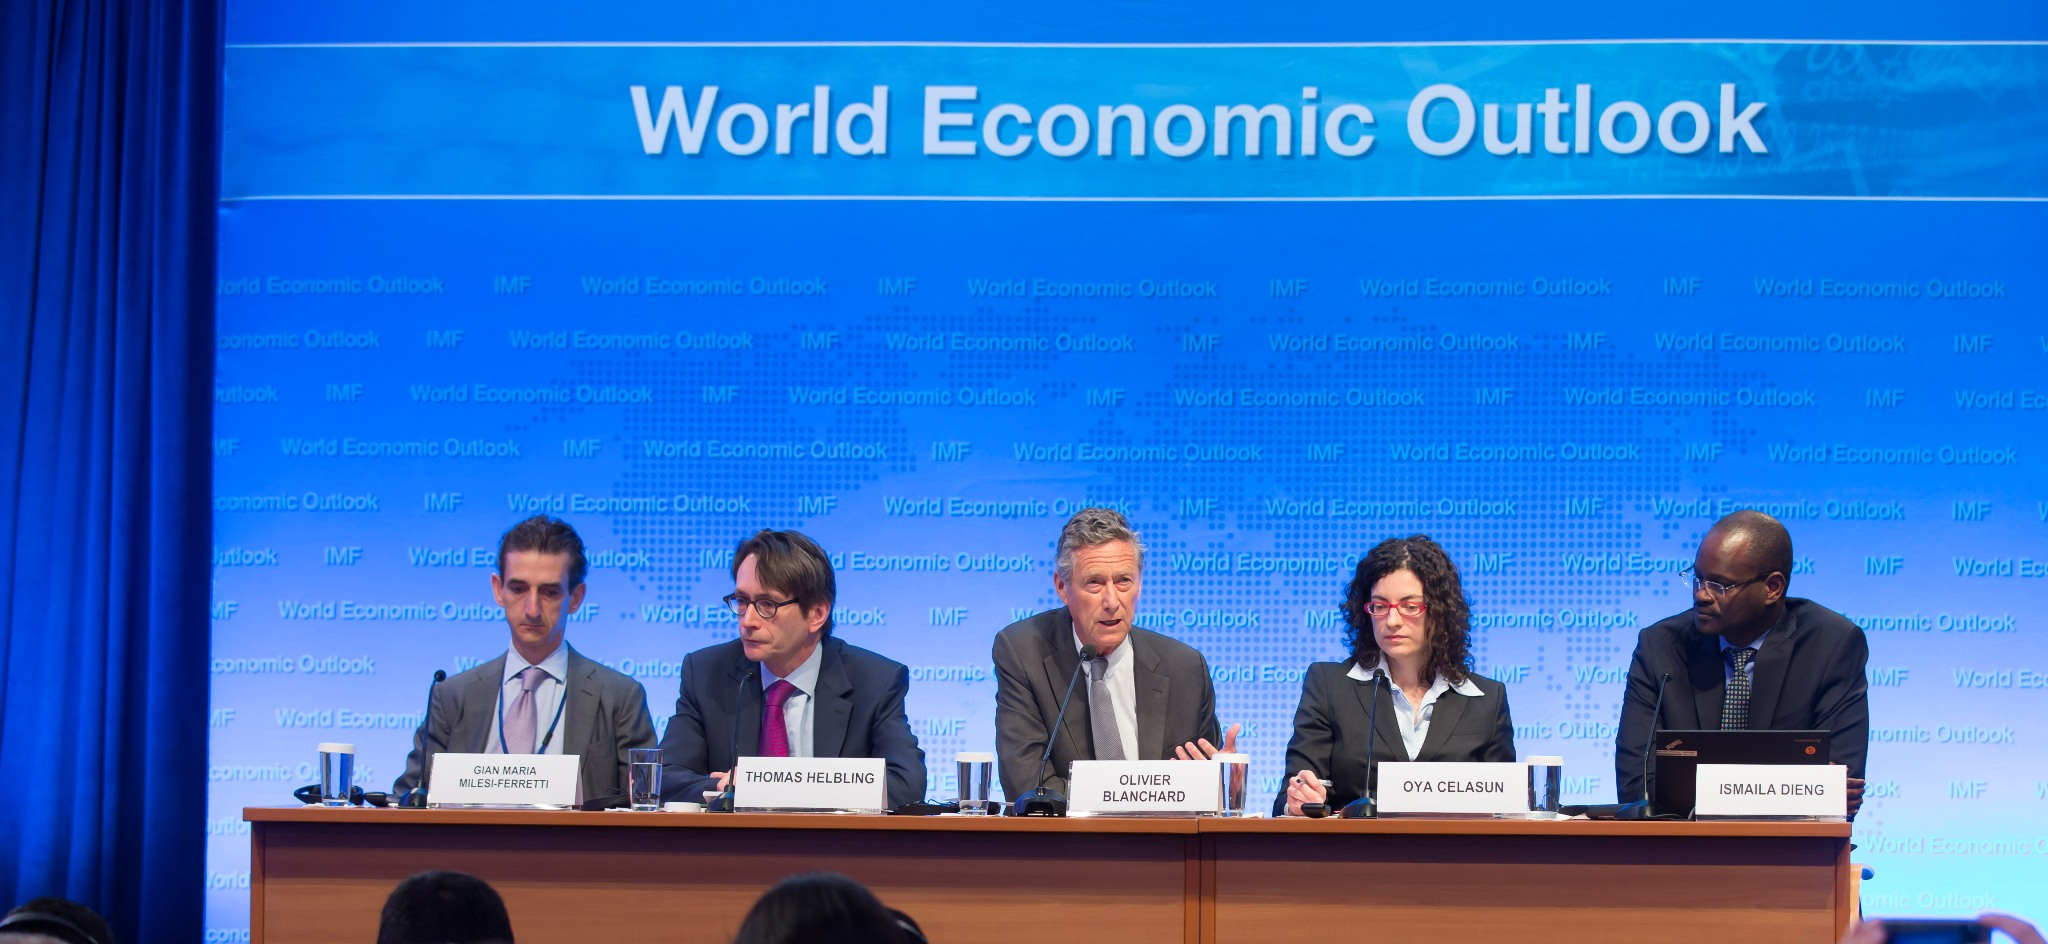 Une reprise mondiale inégale, des courants de fond complexes